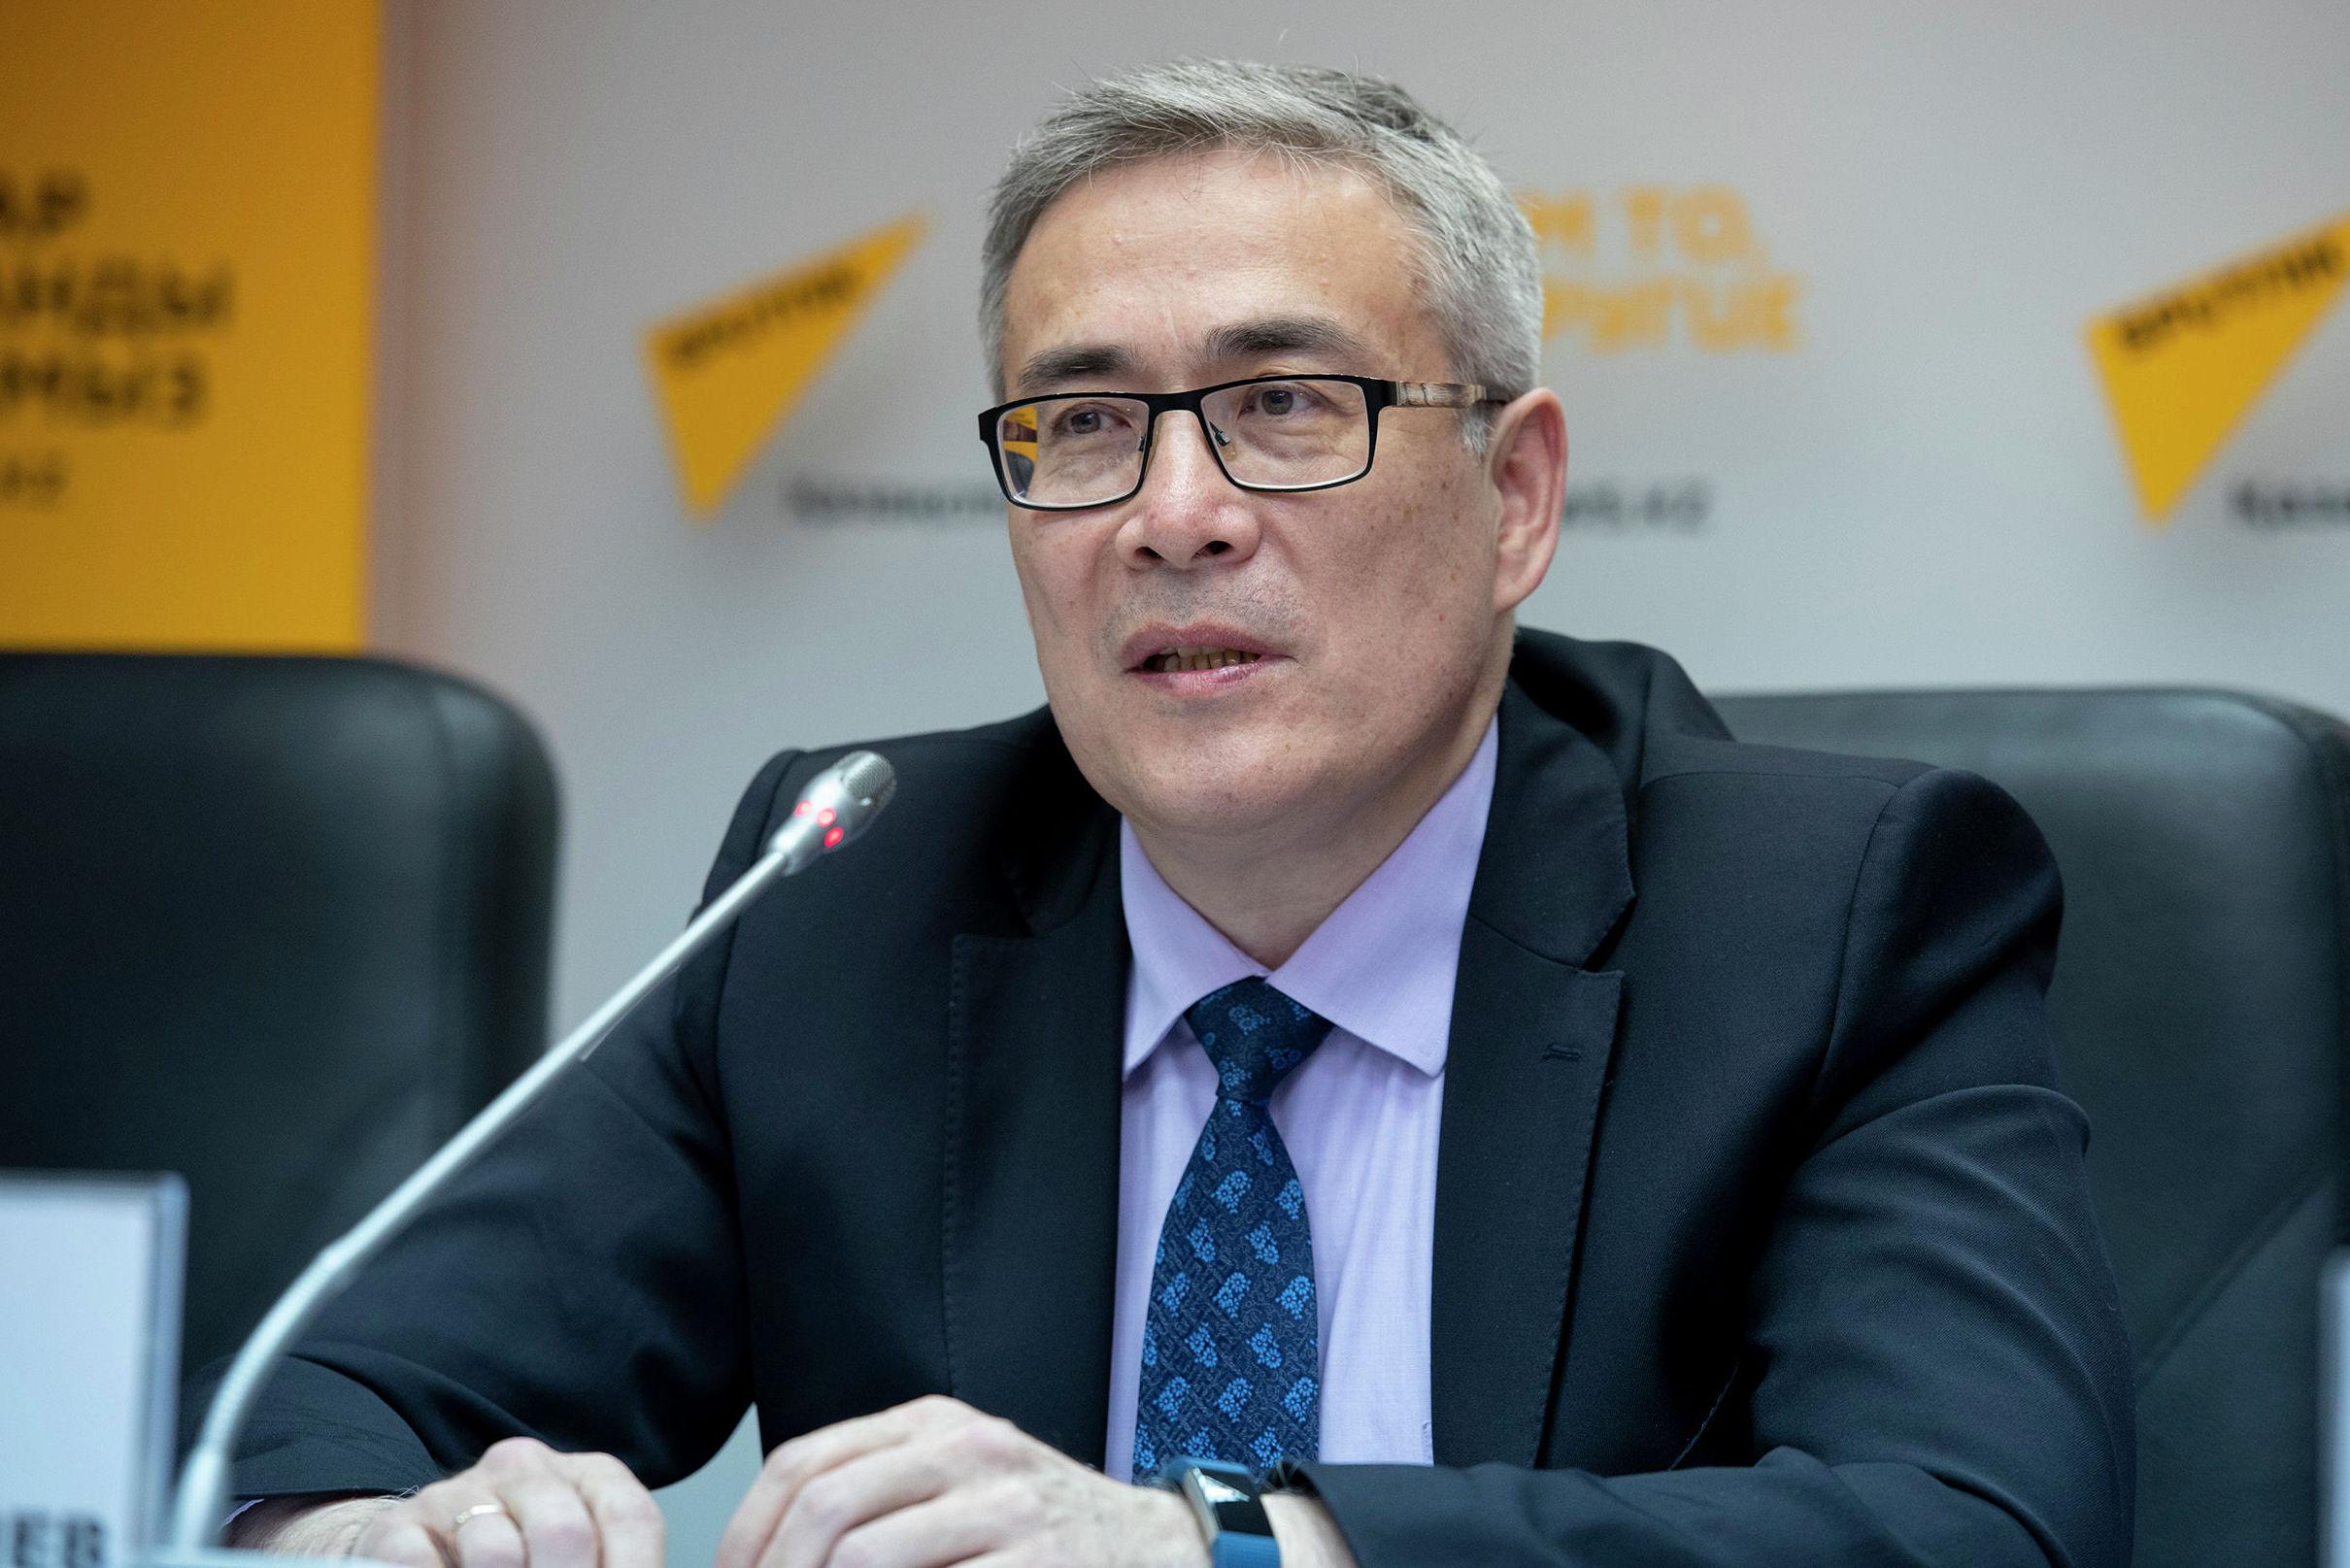 Заместитель председателя правления КазахТуризм Тимур Дуйсенгалиев